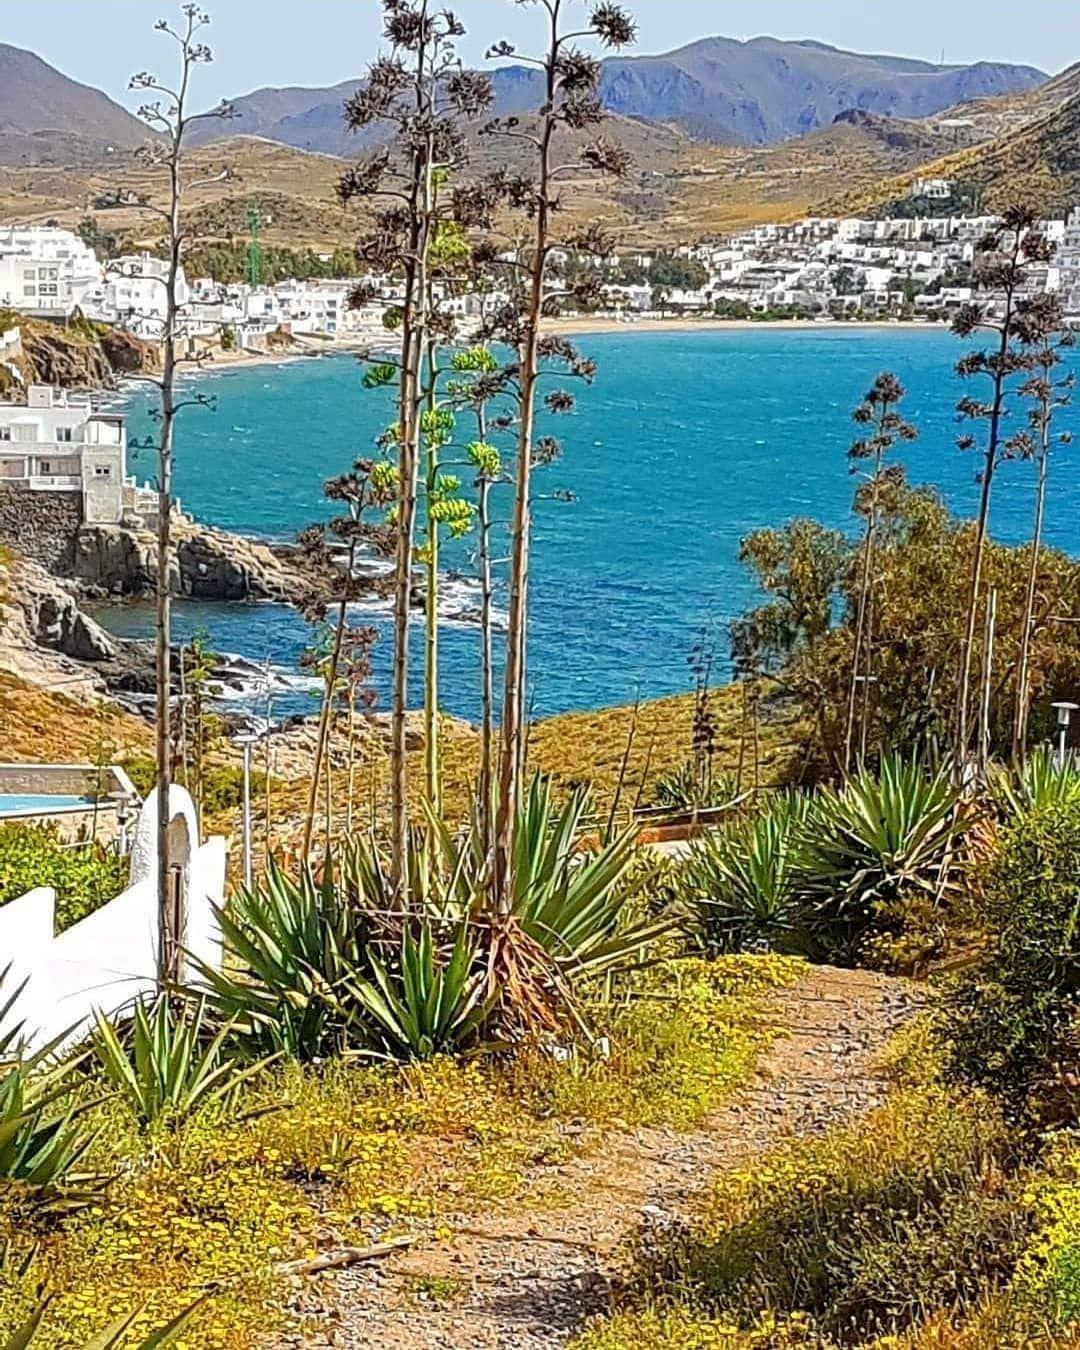 480 Me Gusta 8 Comentarios Almería Embrujada Almeriaembrujada En Instagram Sendero Hasta El Mar San José Parque Natural Cabo De Gata Foto Brigittede